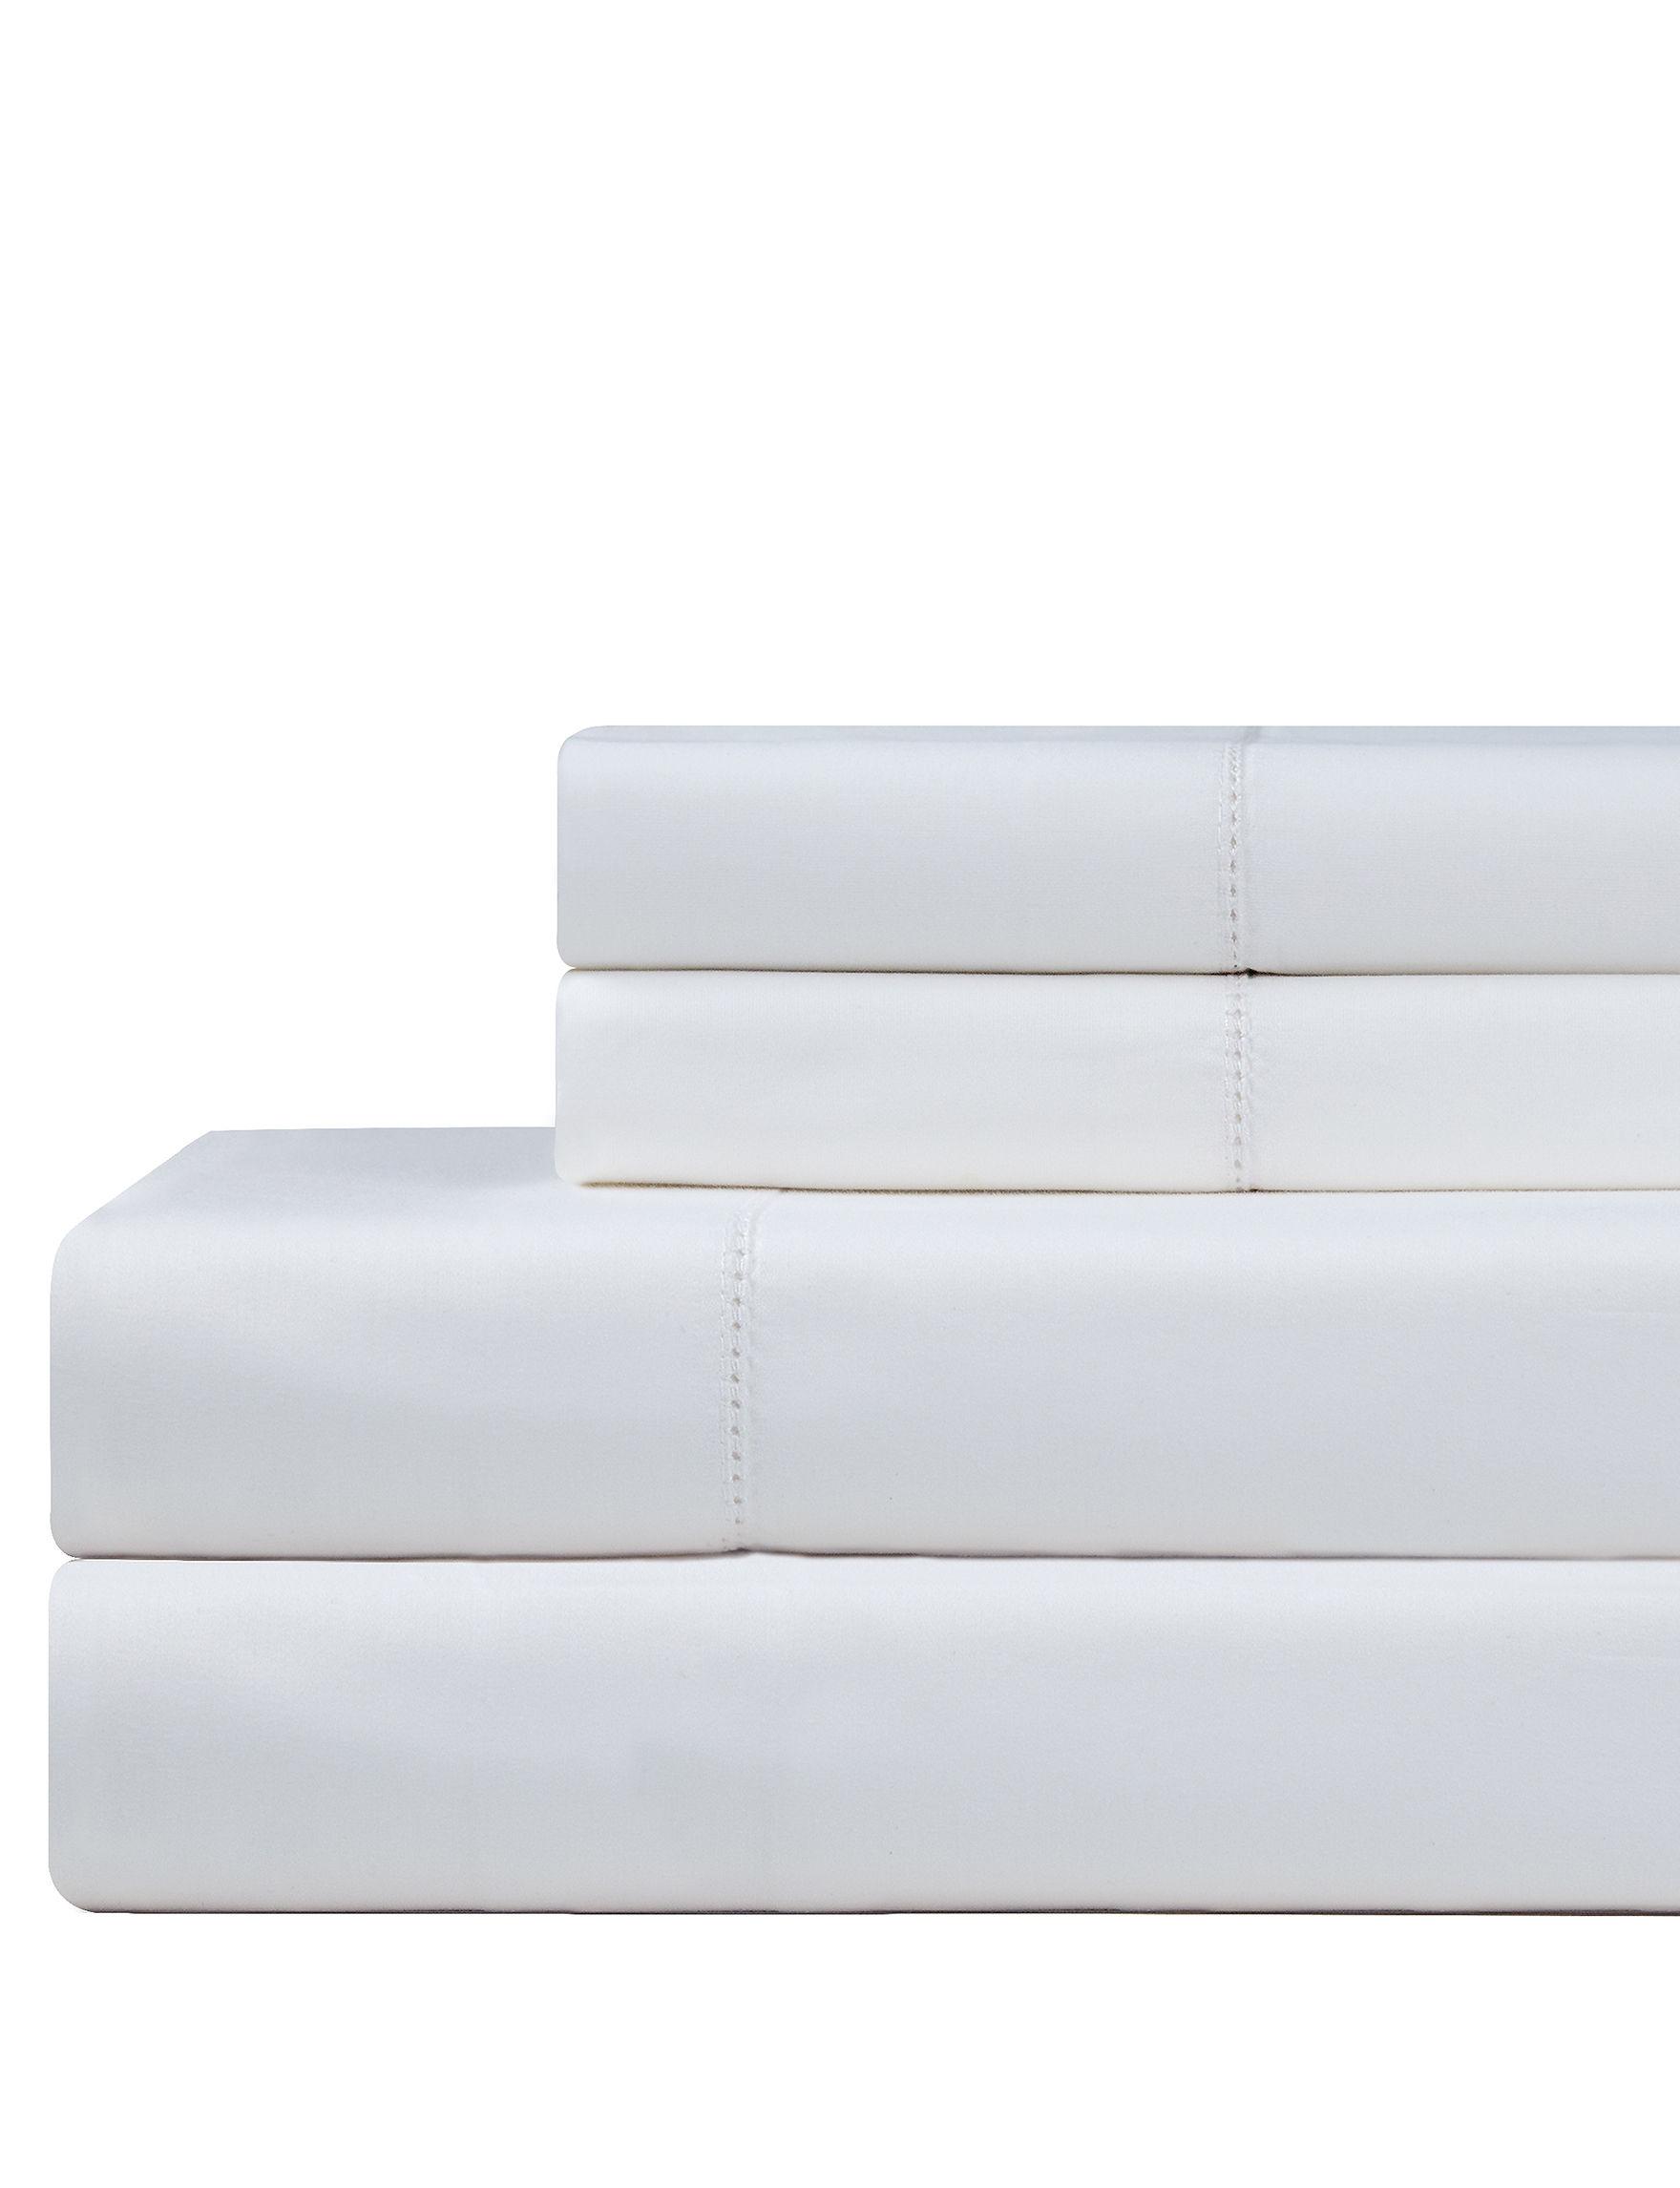 Celeste Home White Sheets & Pillowcases